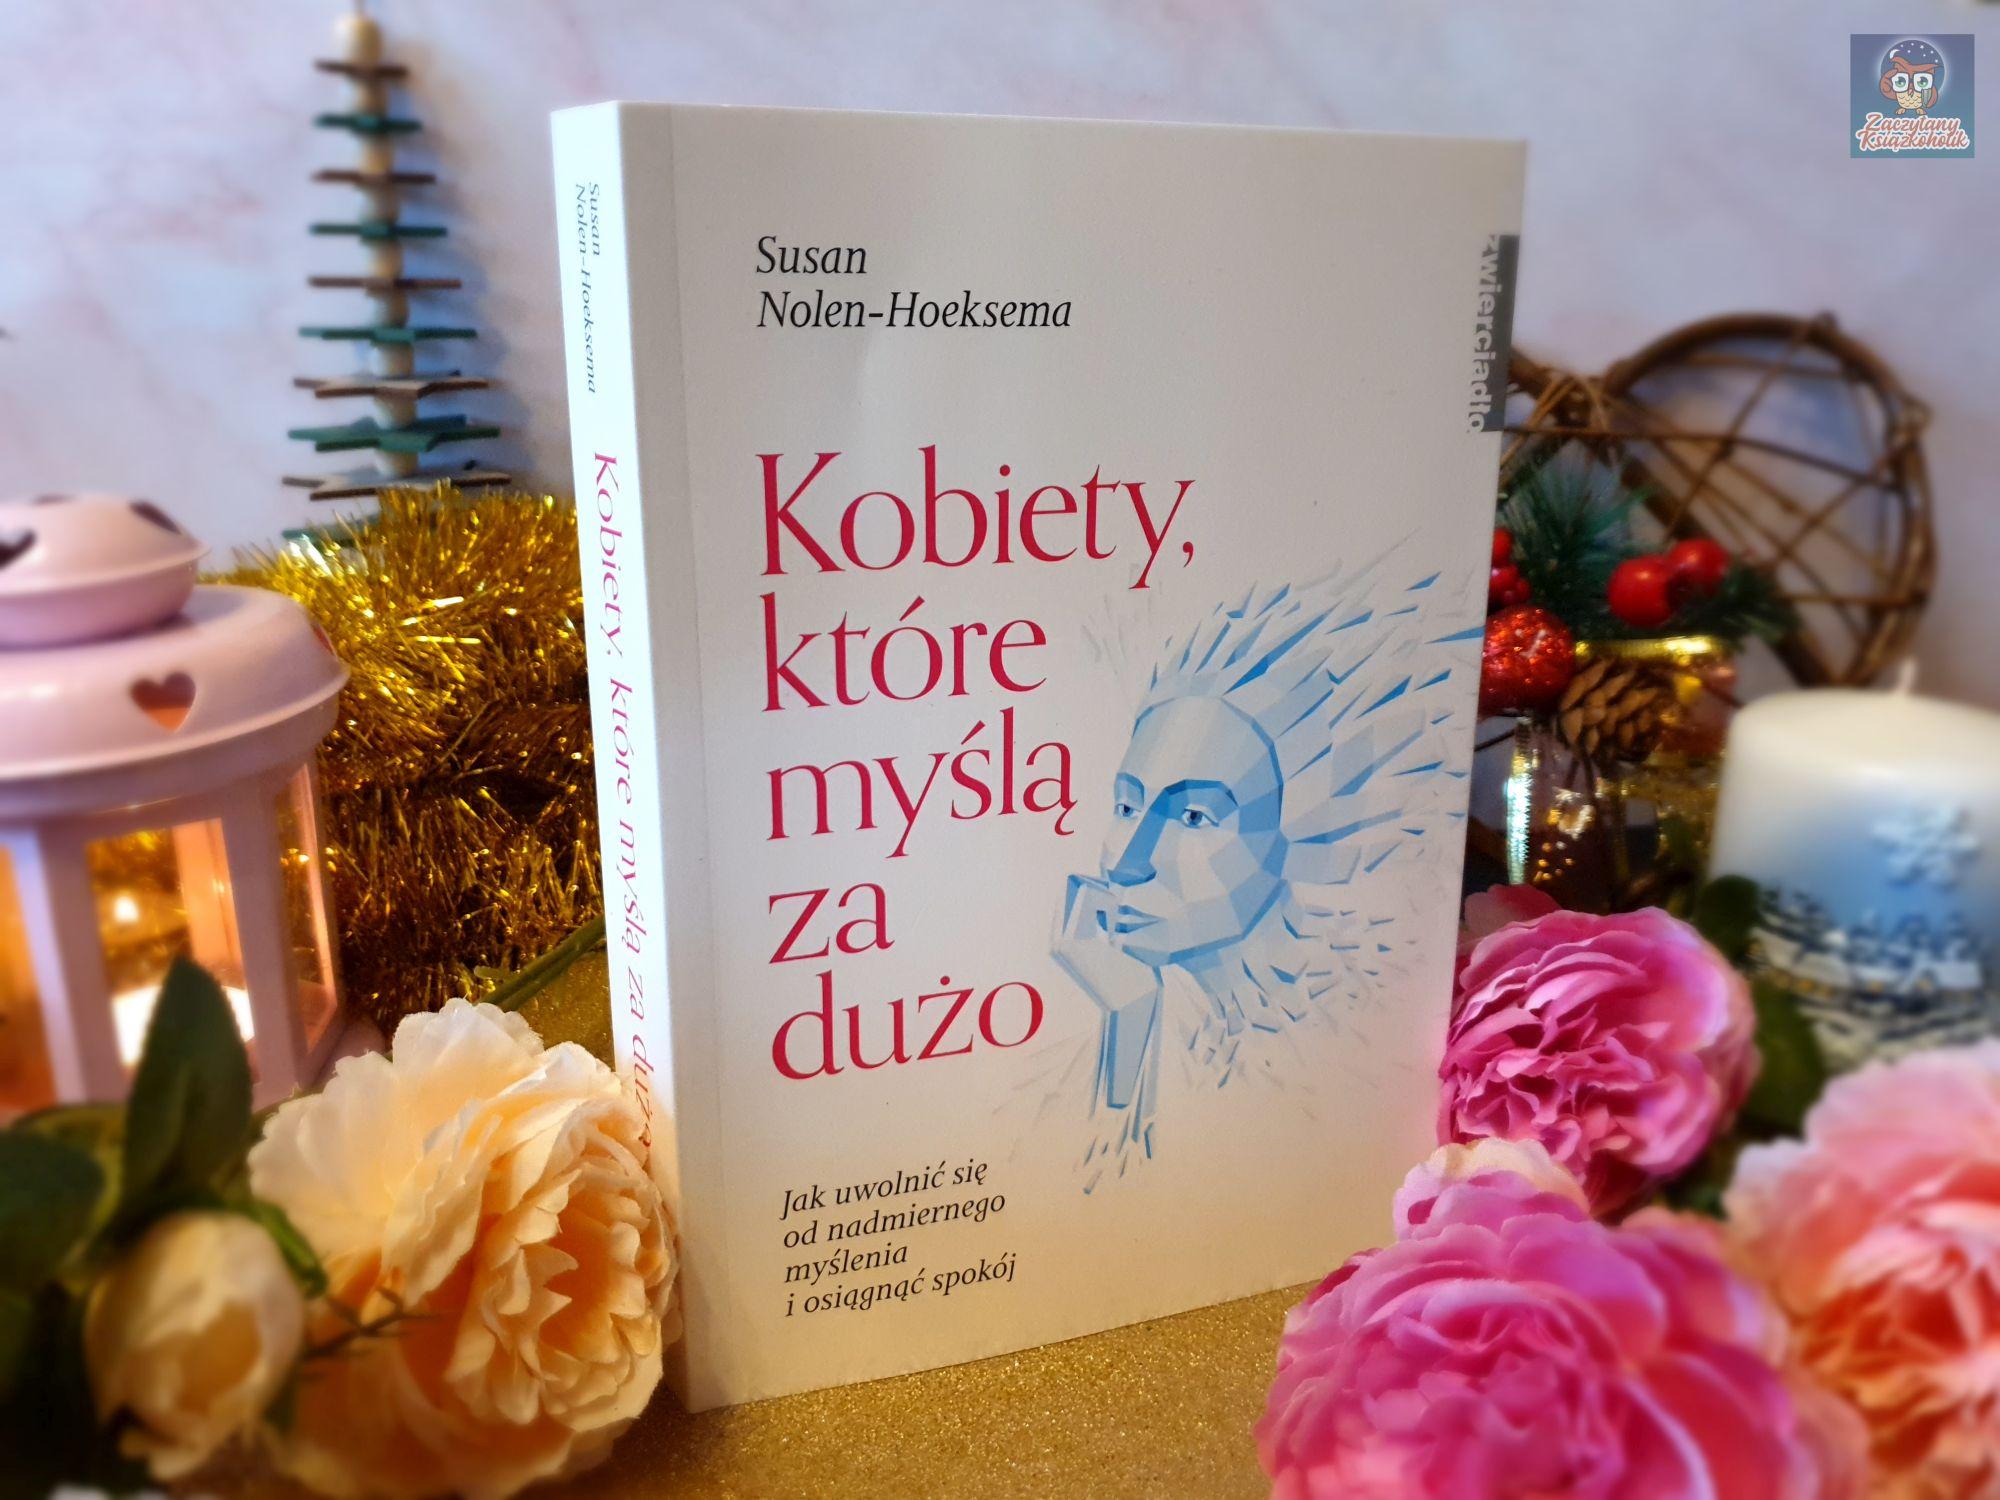 Kobiety, które myślą za dużo, Susan Nolen-Hoeksema , zaczytanyksiazkoholik.pl